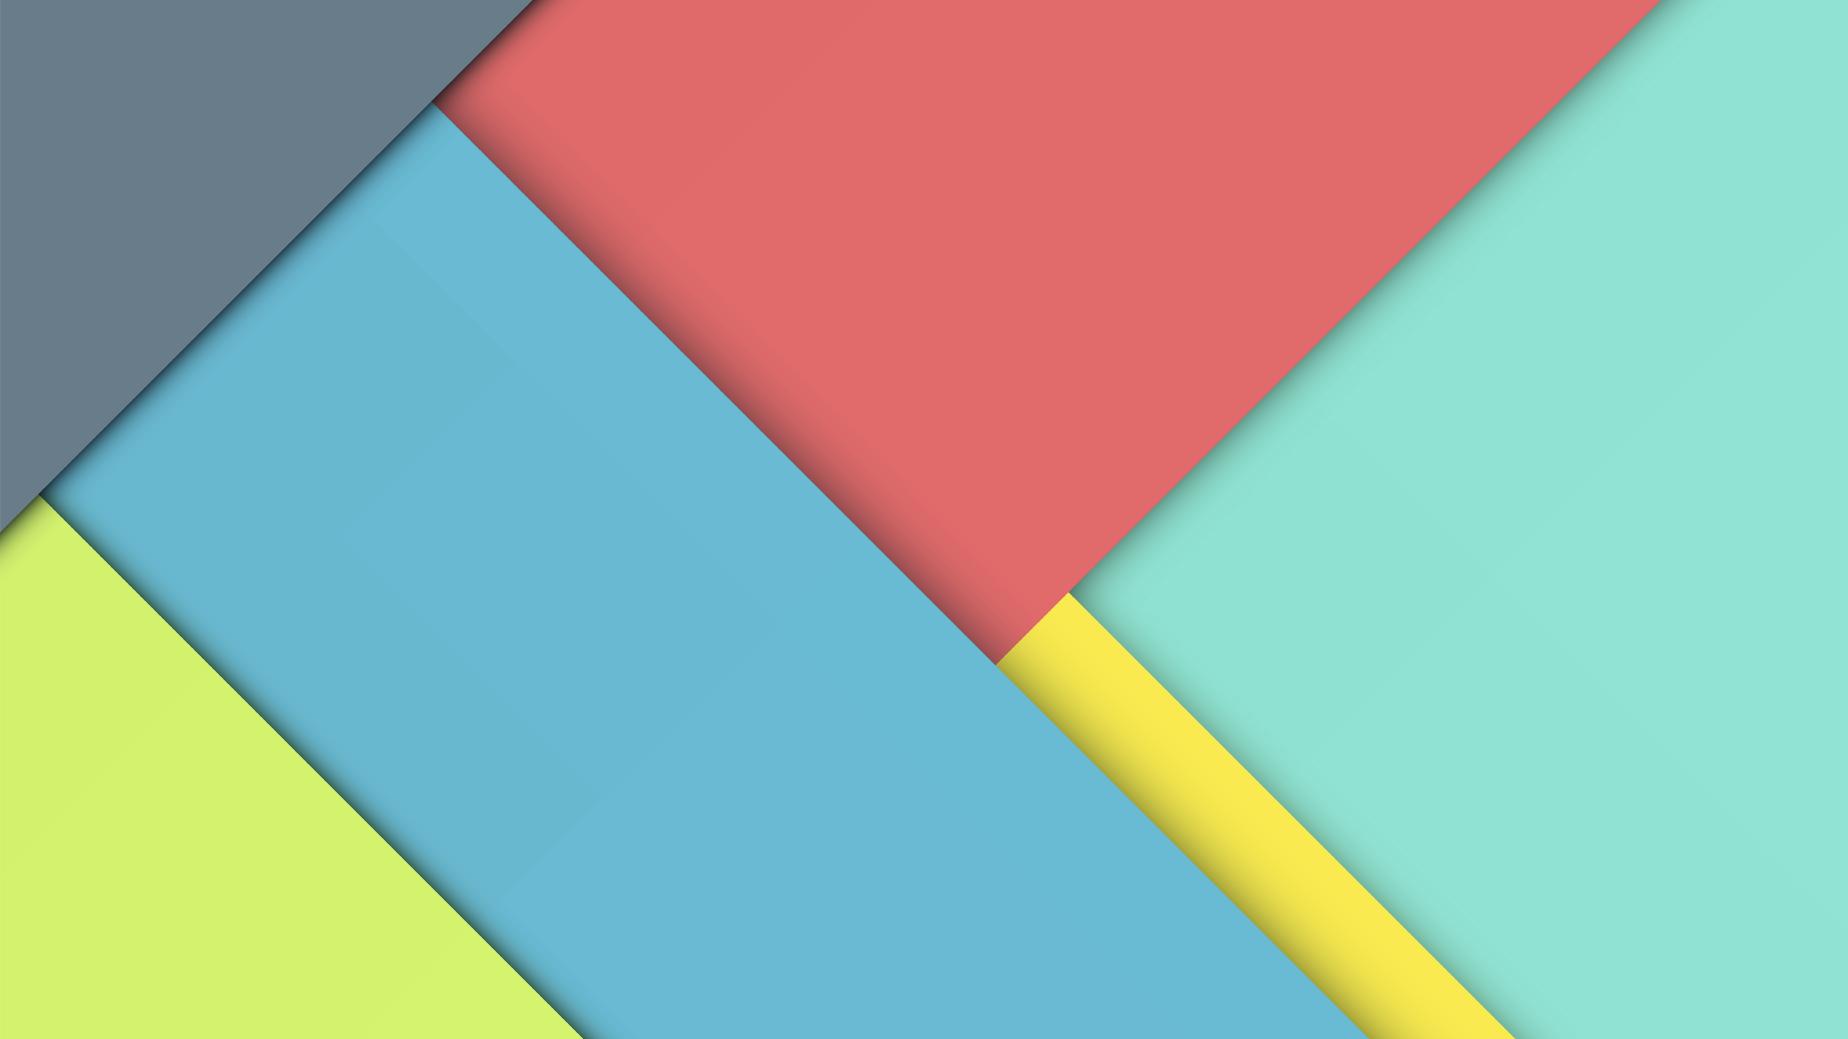 High Resolution Wallpaper | Design 1848x1039 px